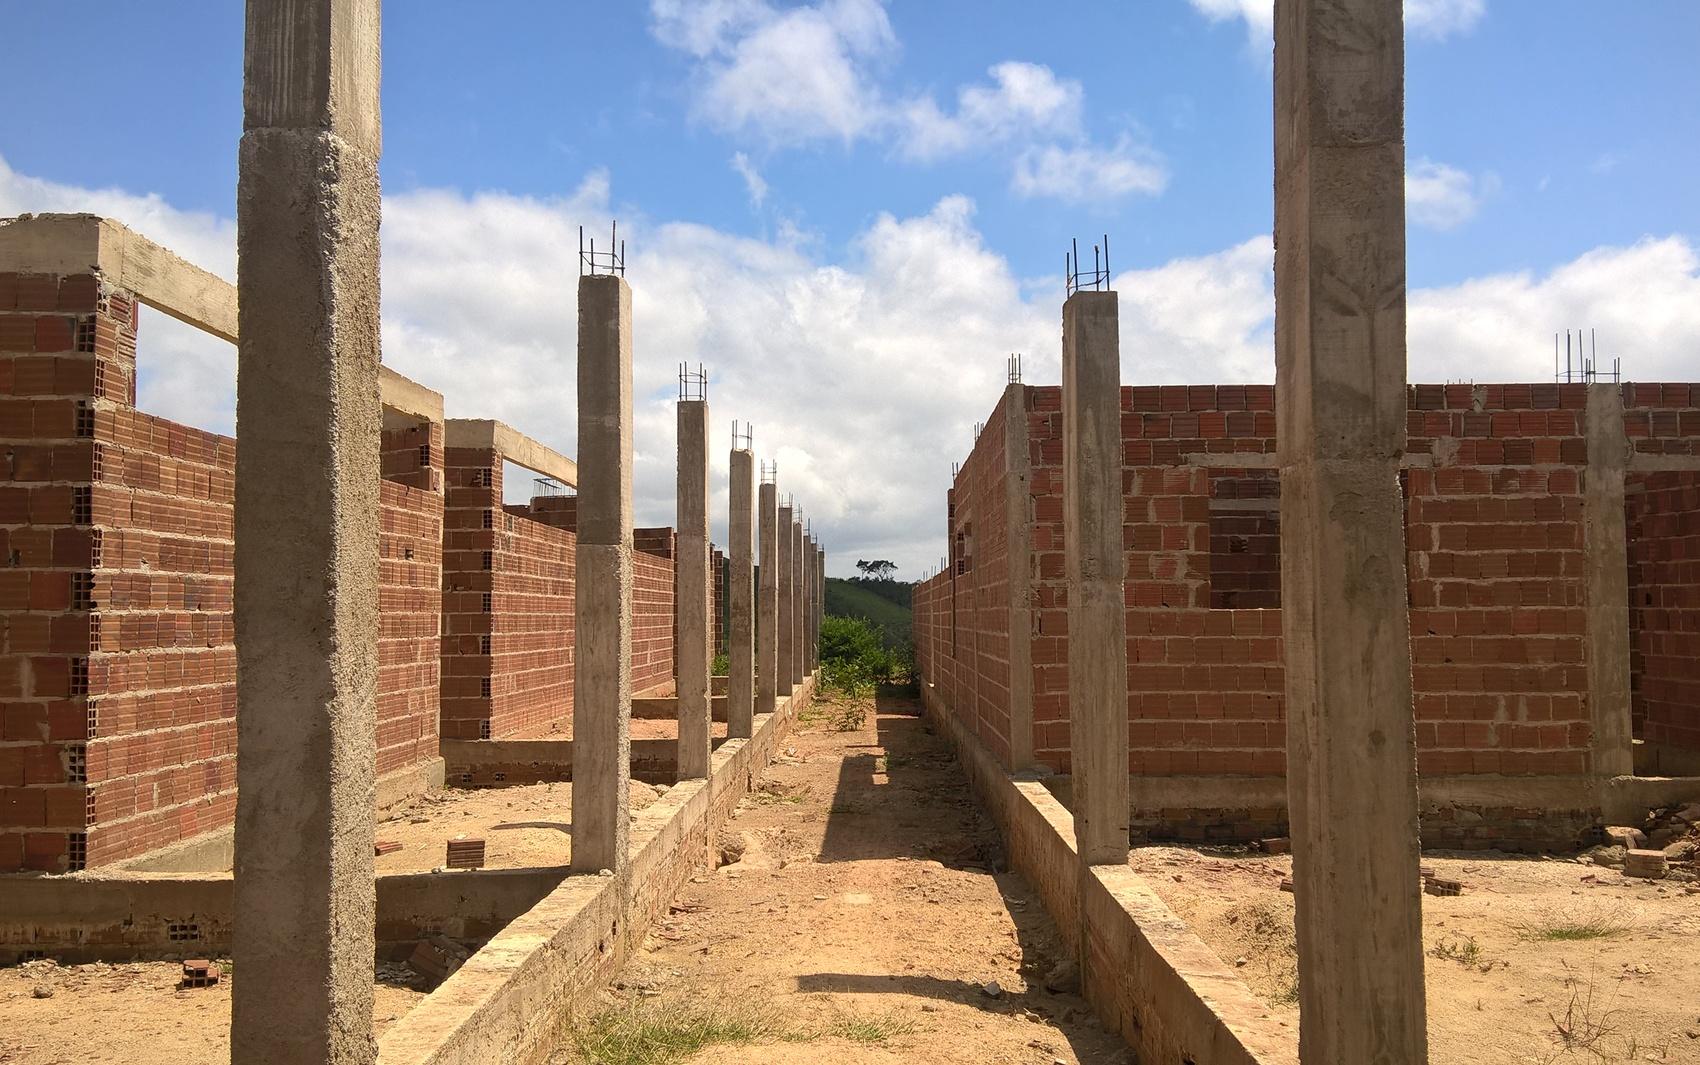 Corredor principal da escola em construção na cidade de Dona Inês